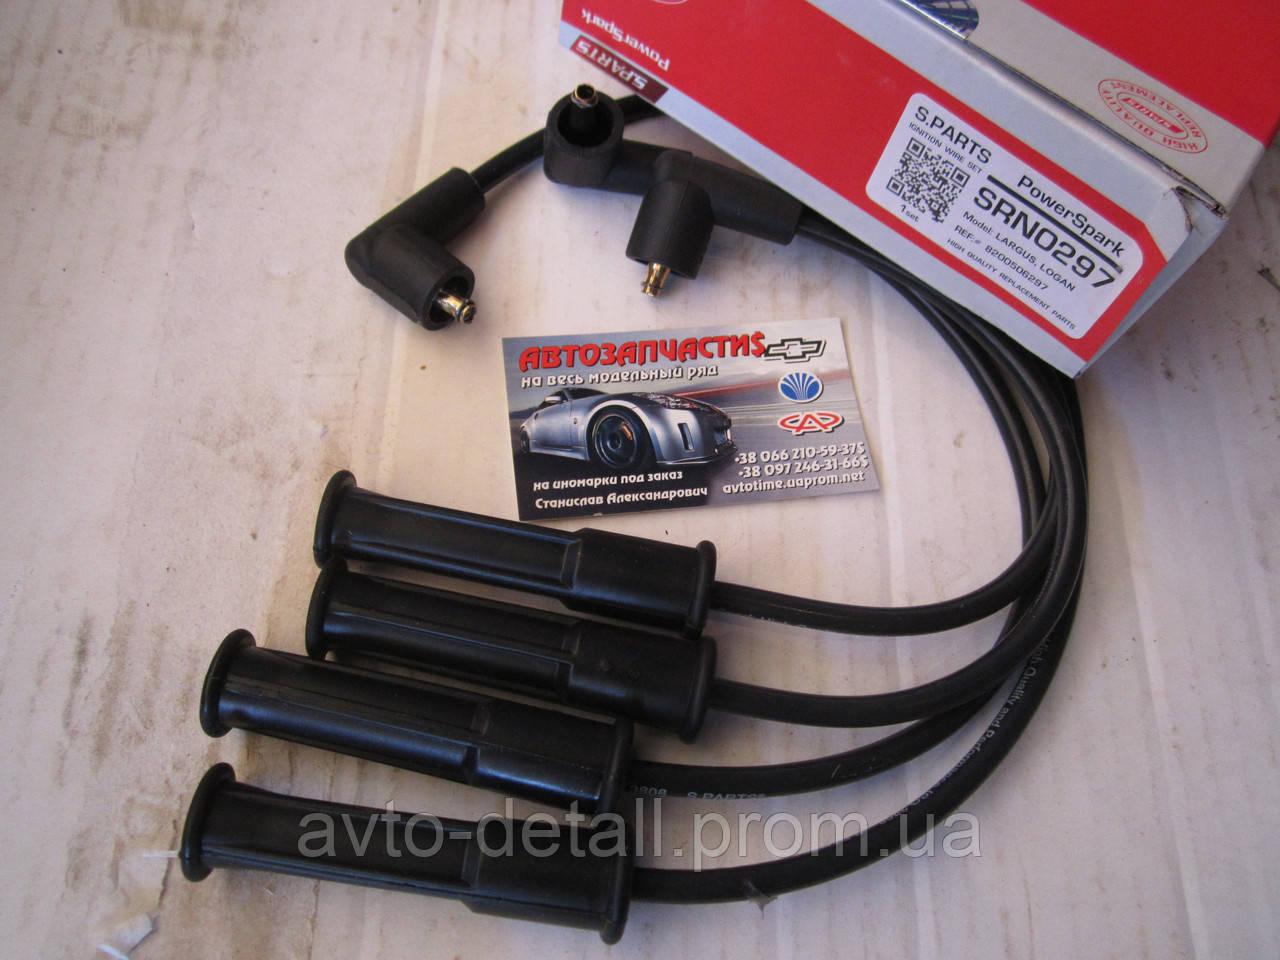 Провода высоковольтные Логан 1,4/1,6 SPART